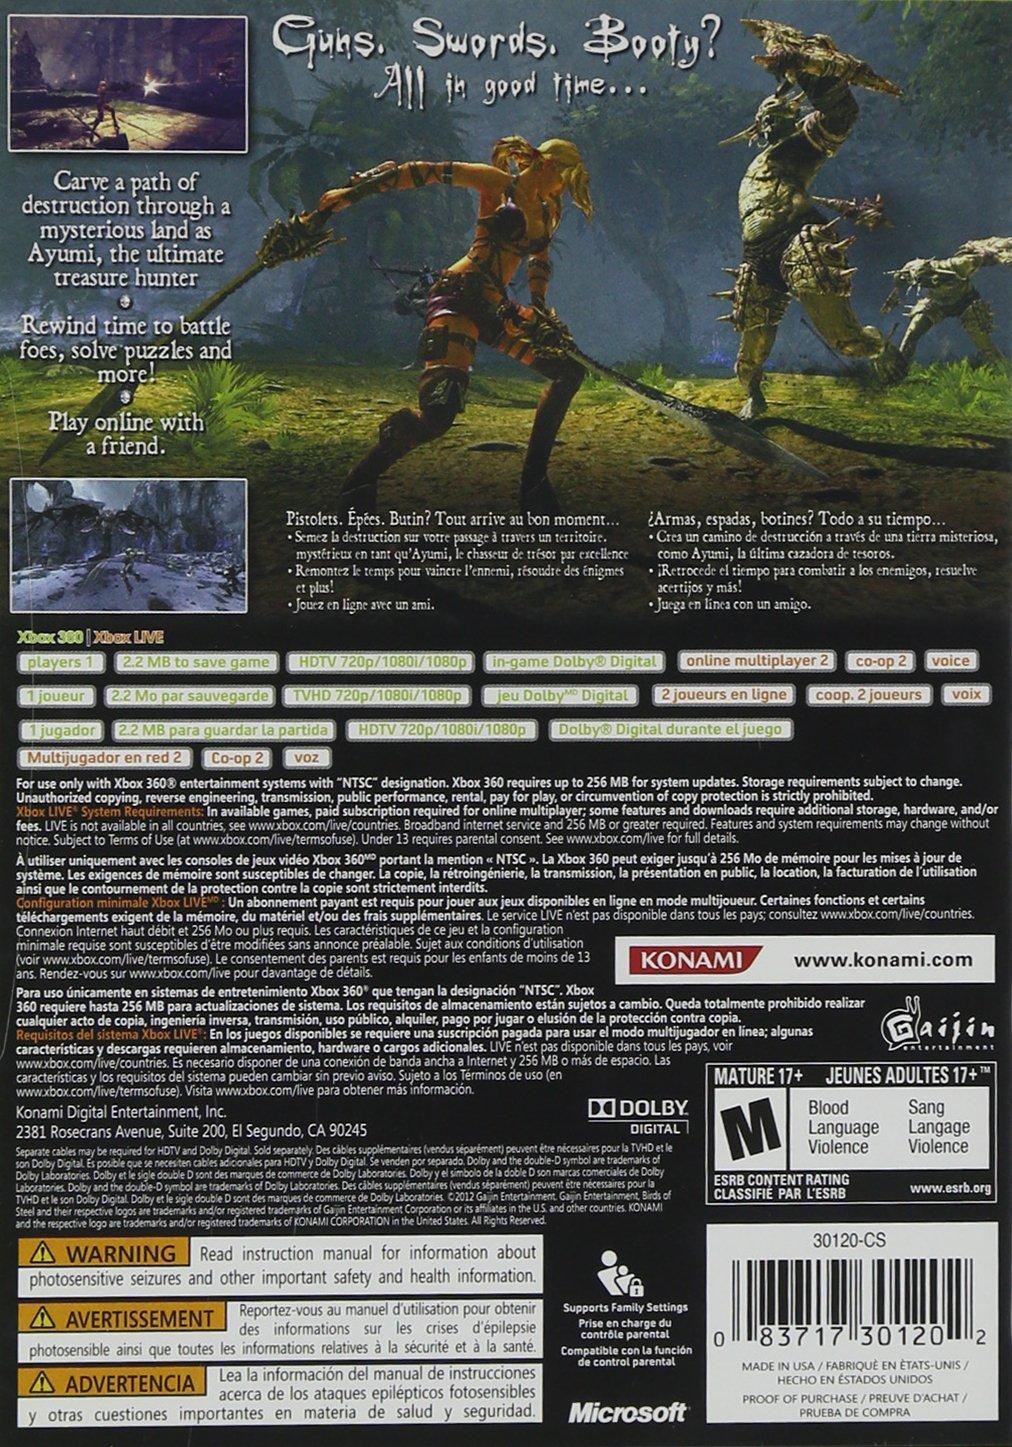 Konami Blades of Time, Xbox 360 - Juego (Xbox 360, Xbox 360, Acción / Aventura, RP (Clasificación pendiente)): Amazon.es: Videojuegos